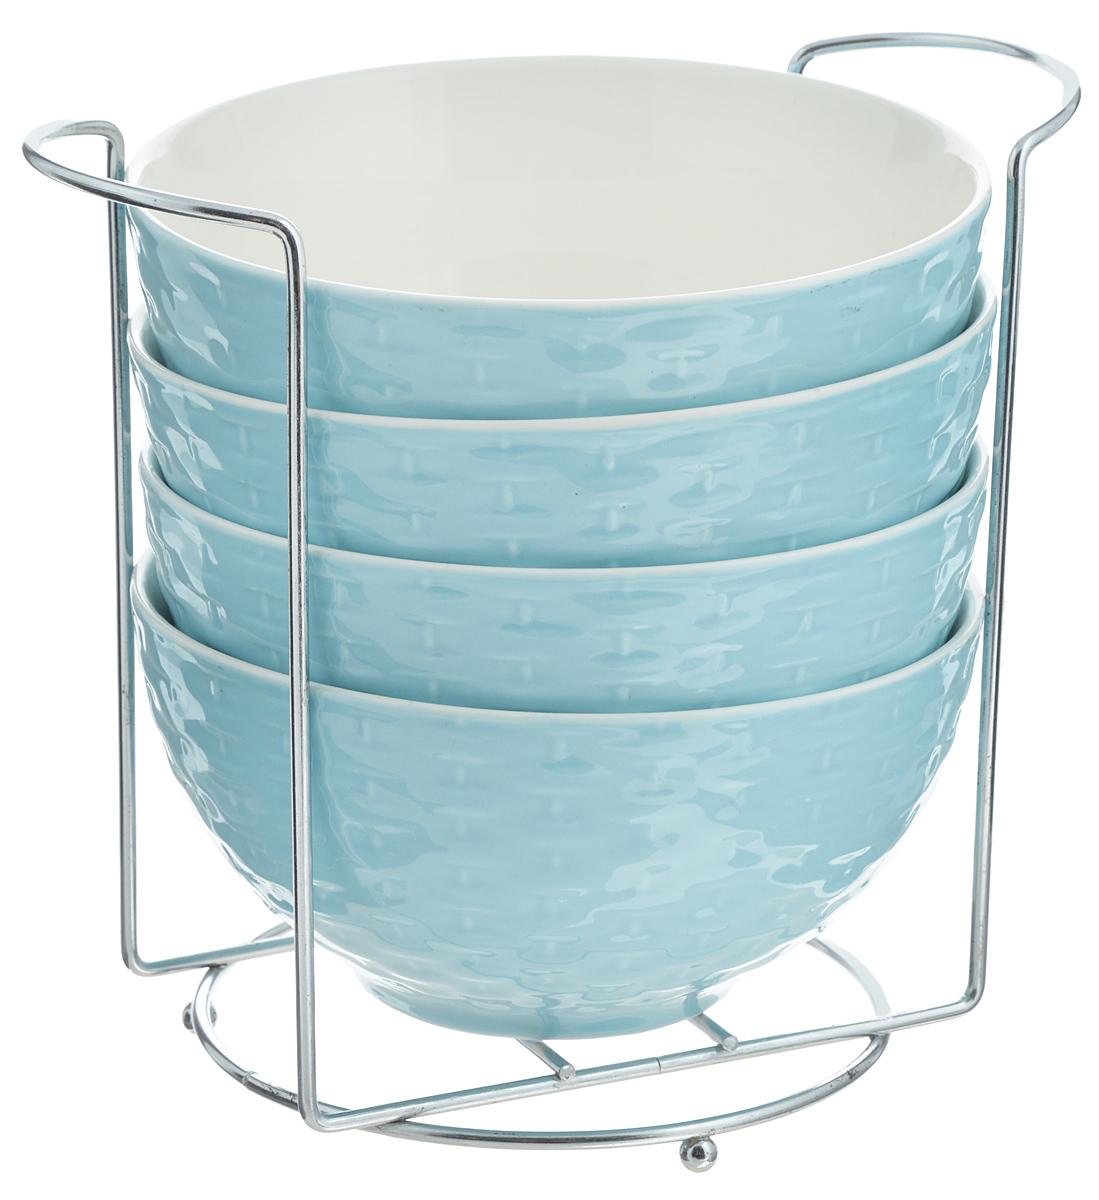 Набор супниц Loraine, на подставке, цвет: голубой, белый, 420 мл, 5 предметов22576Набор Loraine включает четыре супницы, выполненные из высококачественной глазурованной керамики. Внешние стенки декорированы рельефом под плетение. Набор прекрасно подходит для подачи супов, бульонов и других блюд. Элегантный дизайн отлично впишется в интерьер любой кухни. Супницы компактно размещаются на подставке из железа. Посуду можно использовать в микроволновой печи и холодильнике, а также мыть в посудомоечной машине. Объем супниц: 420 мл. Диаметр супниц по верхнему краю: 15,5 см. Высота супниц: 8 см. Размер подставки: 20 х 13 х 18 см.